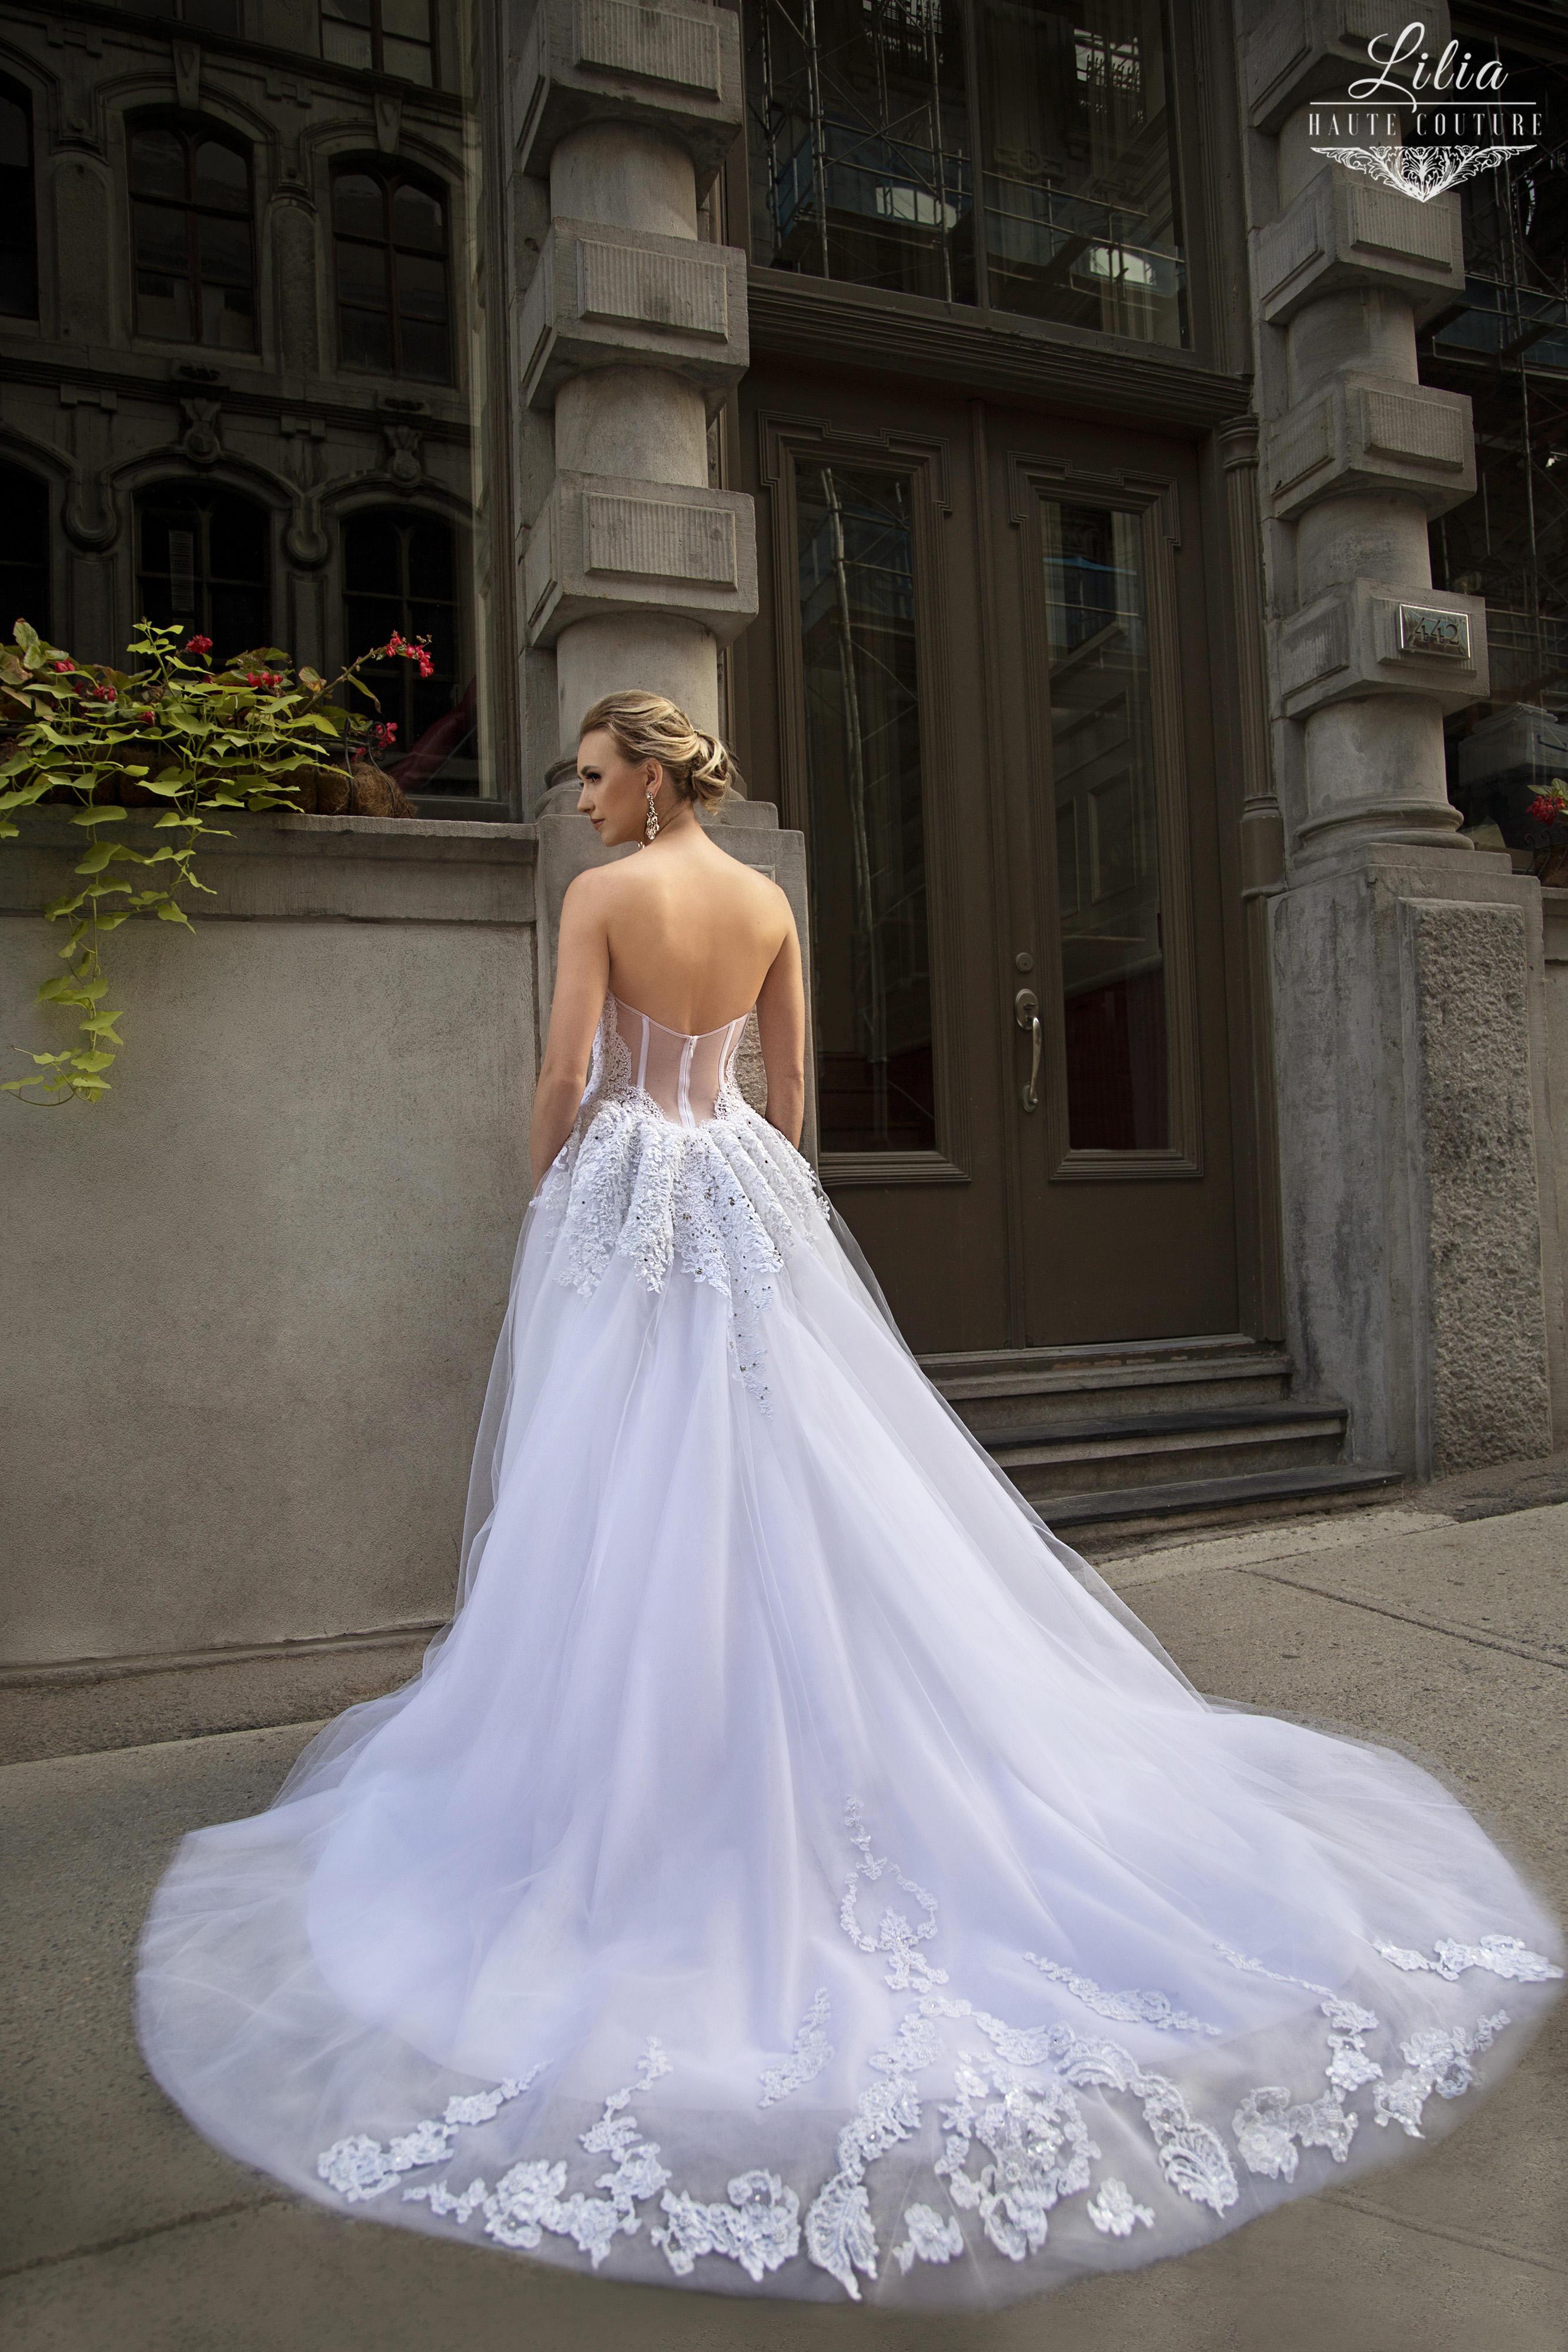 montreal boutique robes de mariee lilia haute couture embellie au dentelle aux perles robe soleile